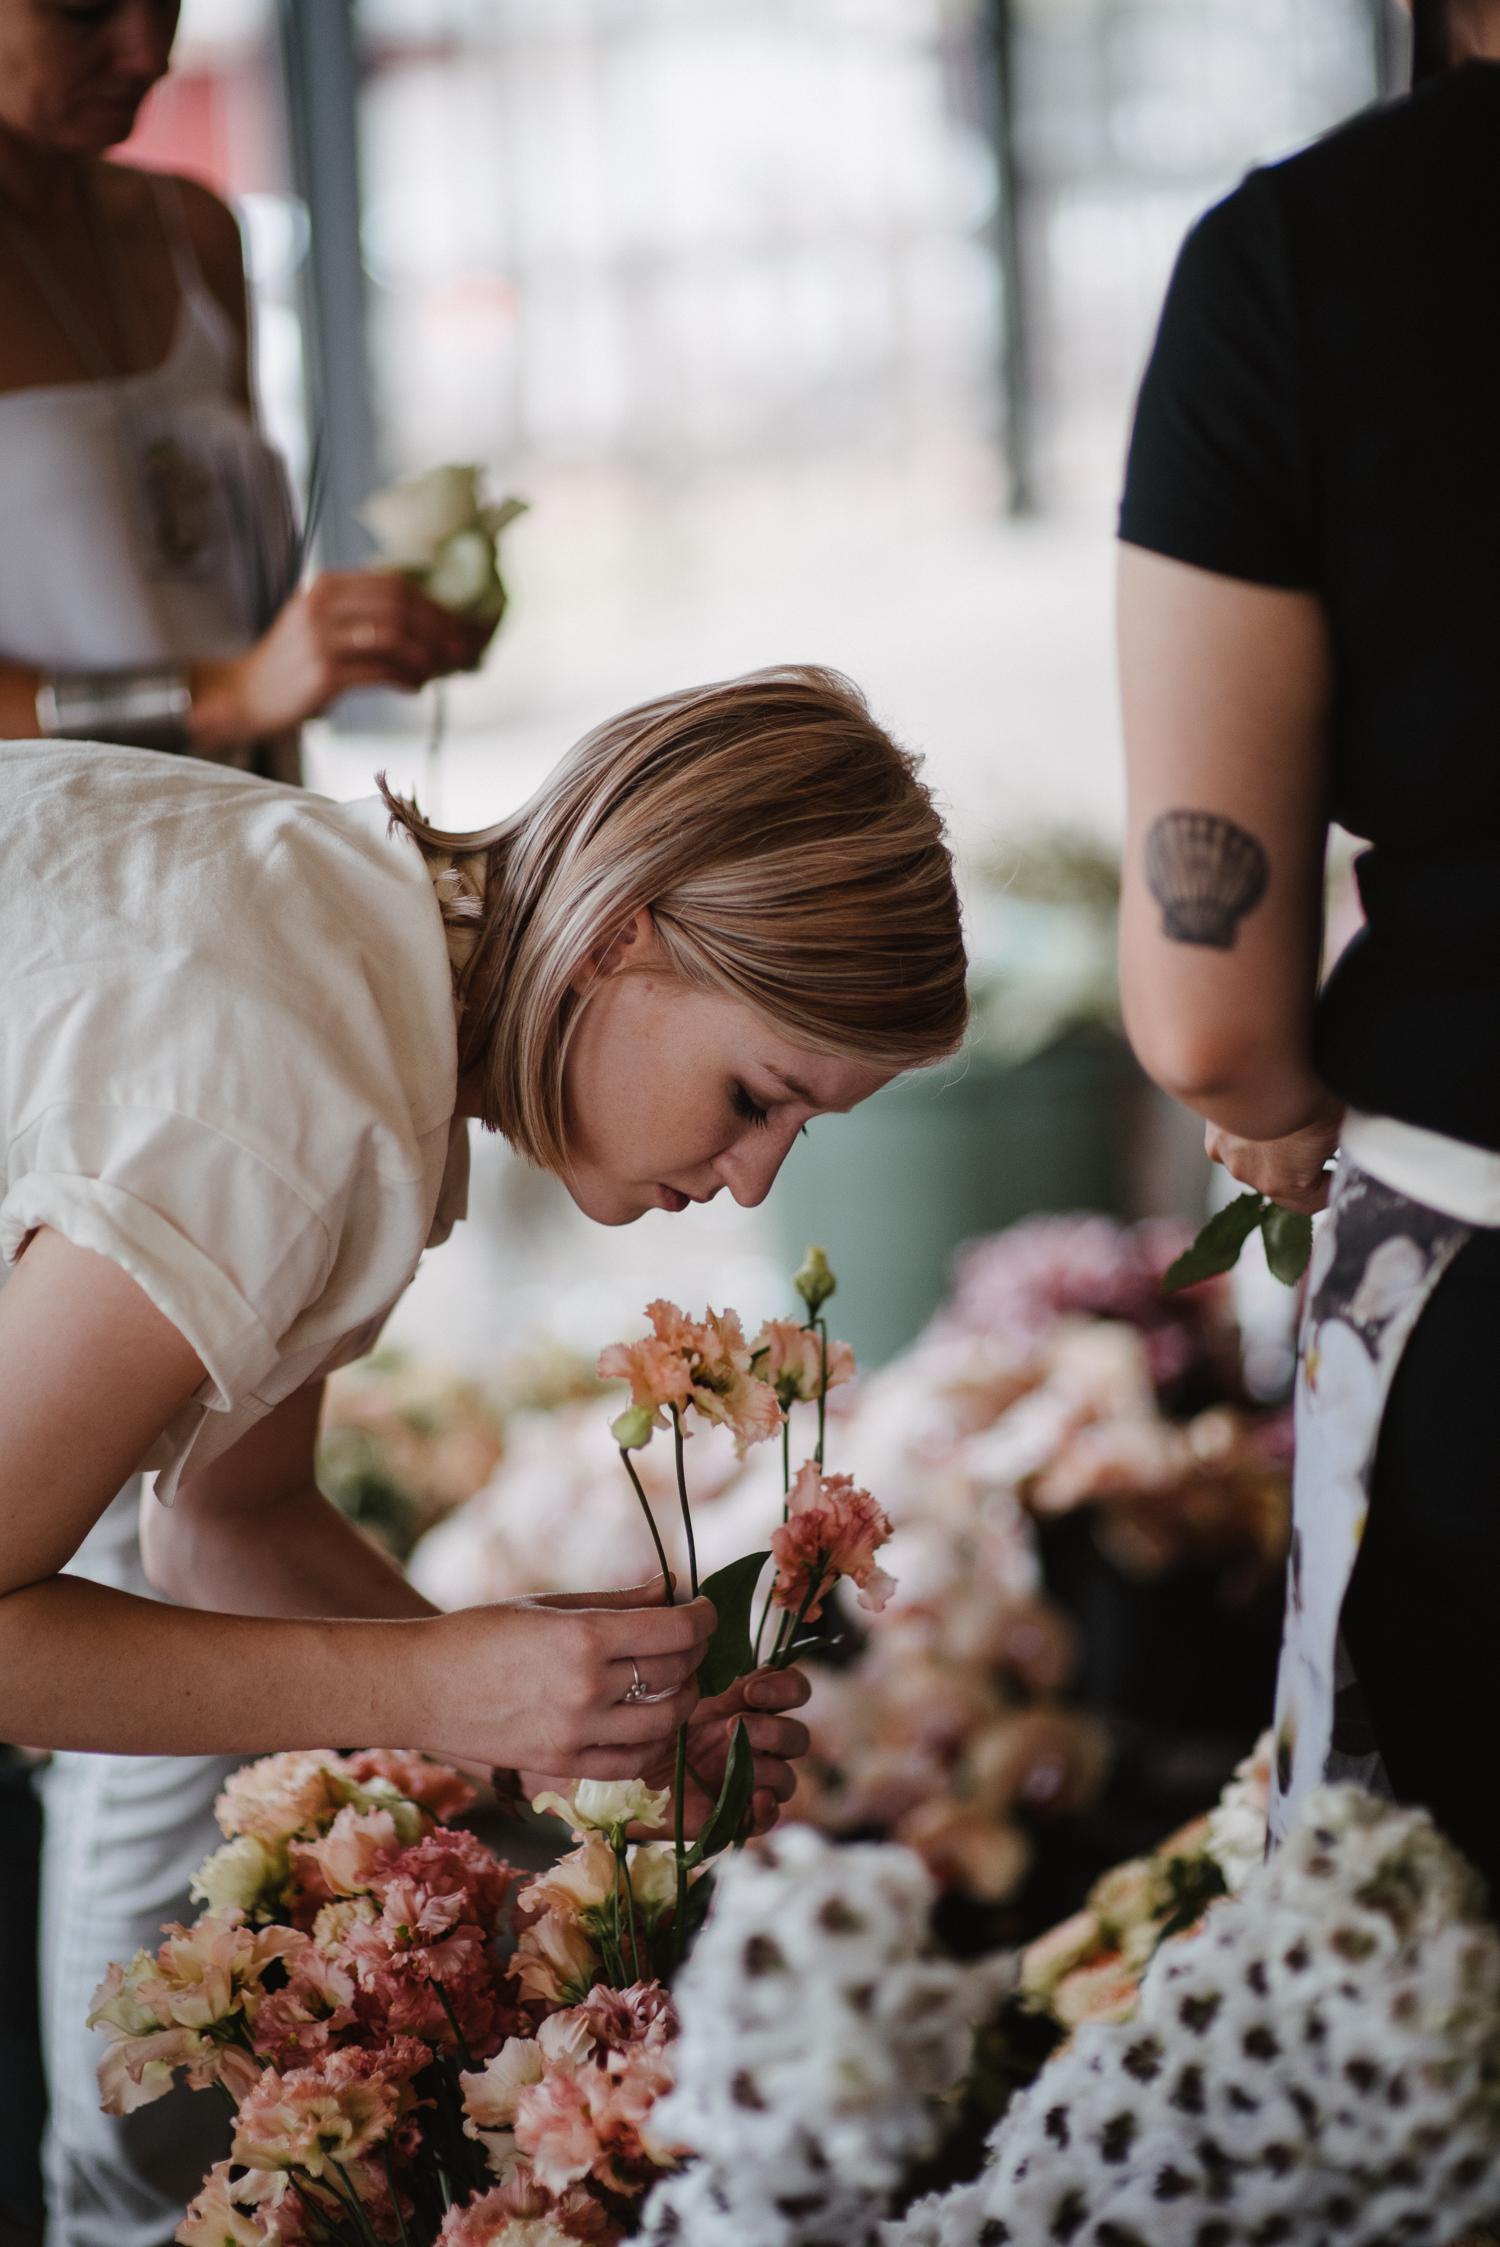 Flower arranging workshops south africa 7